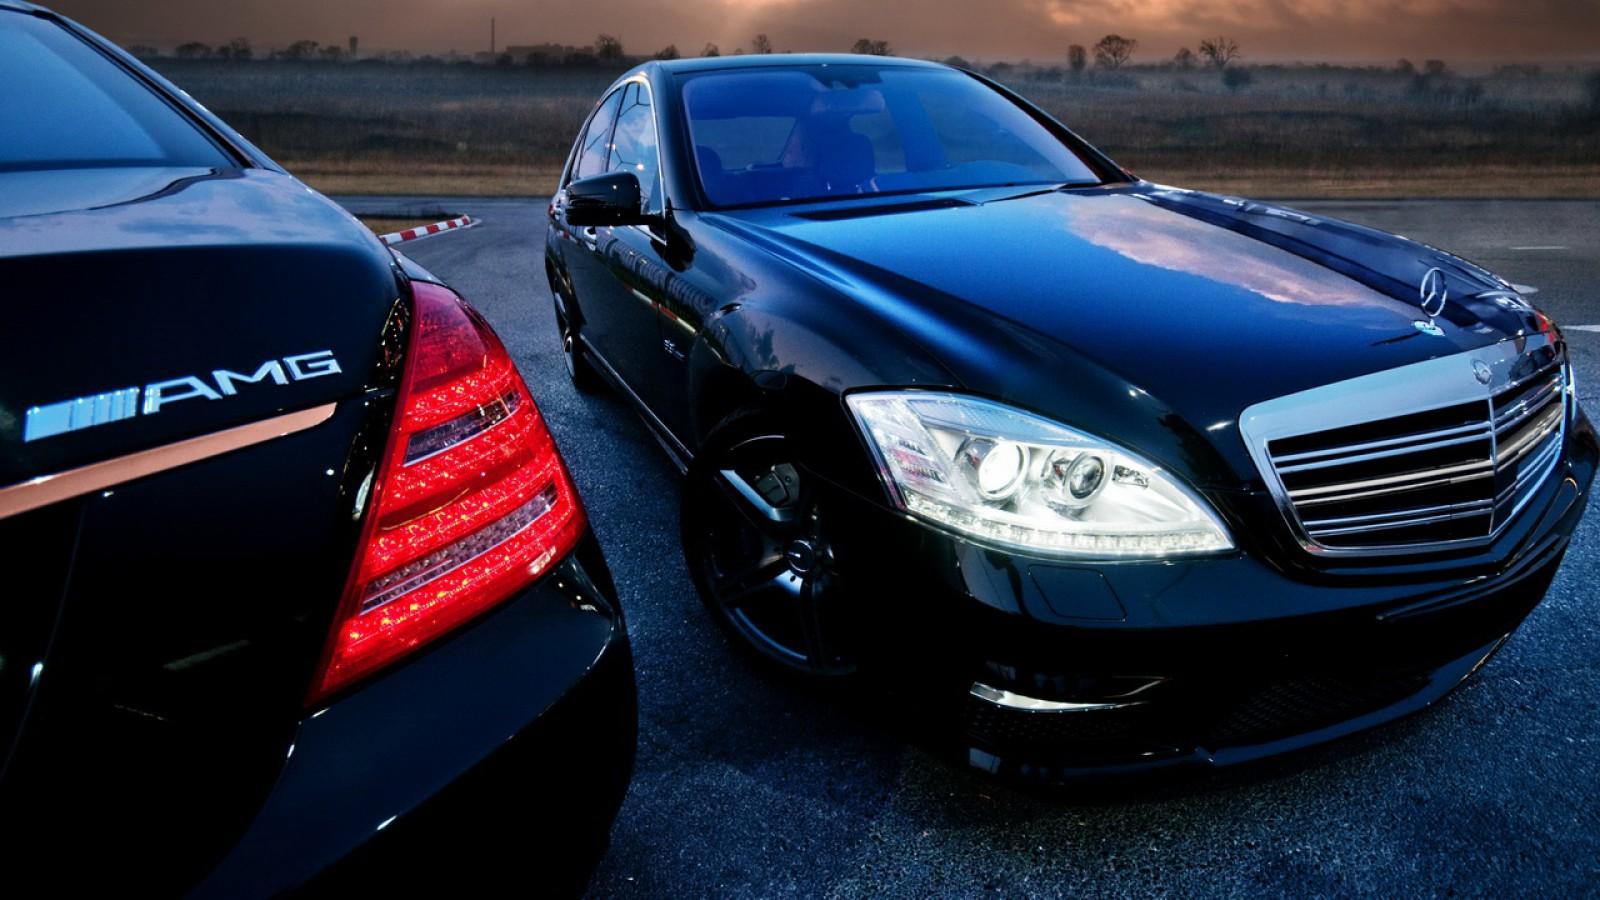 Preşedinţia Turkmenistanului a scos la vânzare 25 de Mercedes-uri şi toate sunt blindate